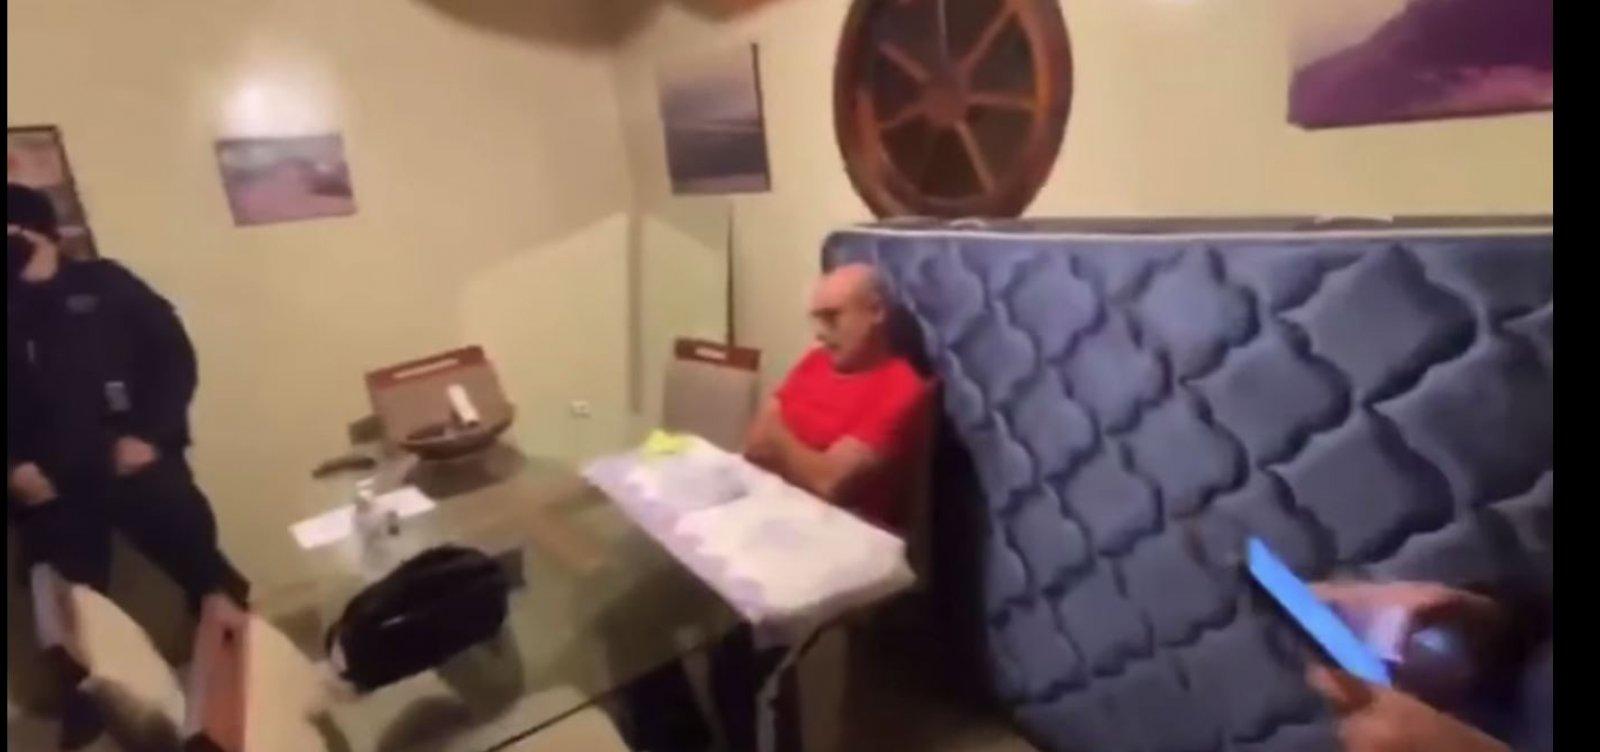 [Ministros do STF avaliam que prisão de Queiroz pode ter consequências imprevisíveis]